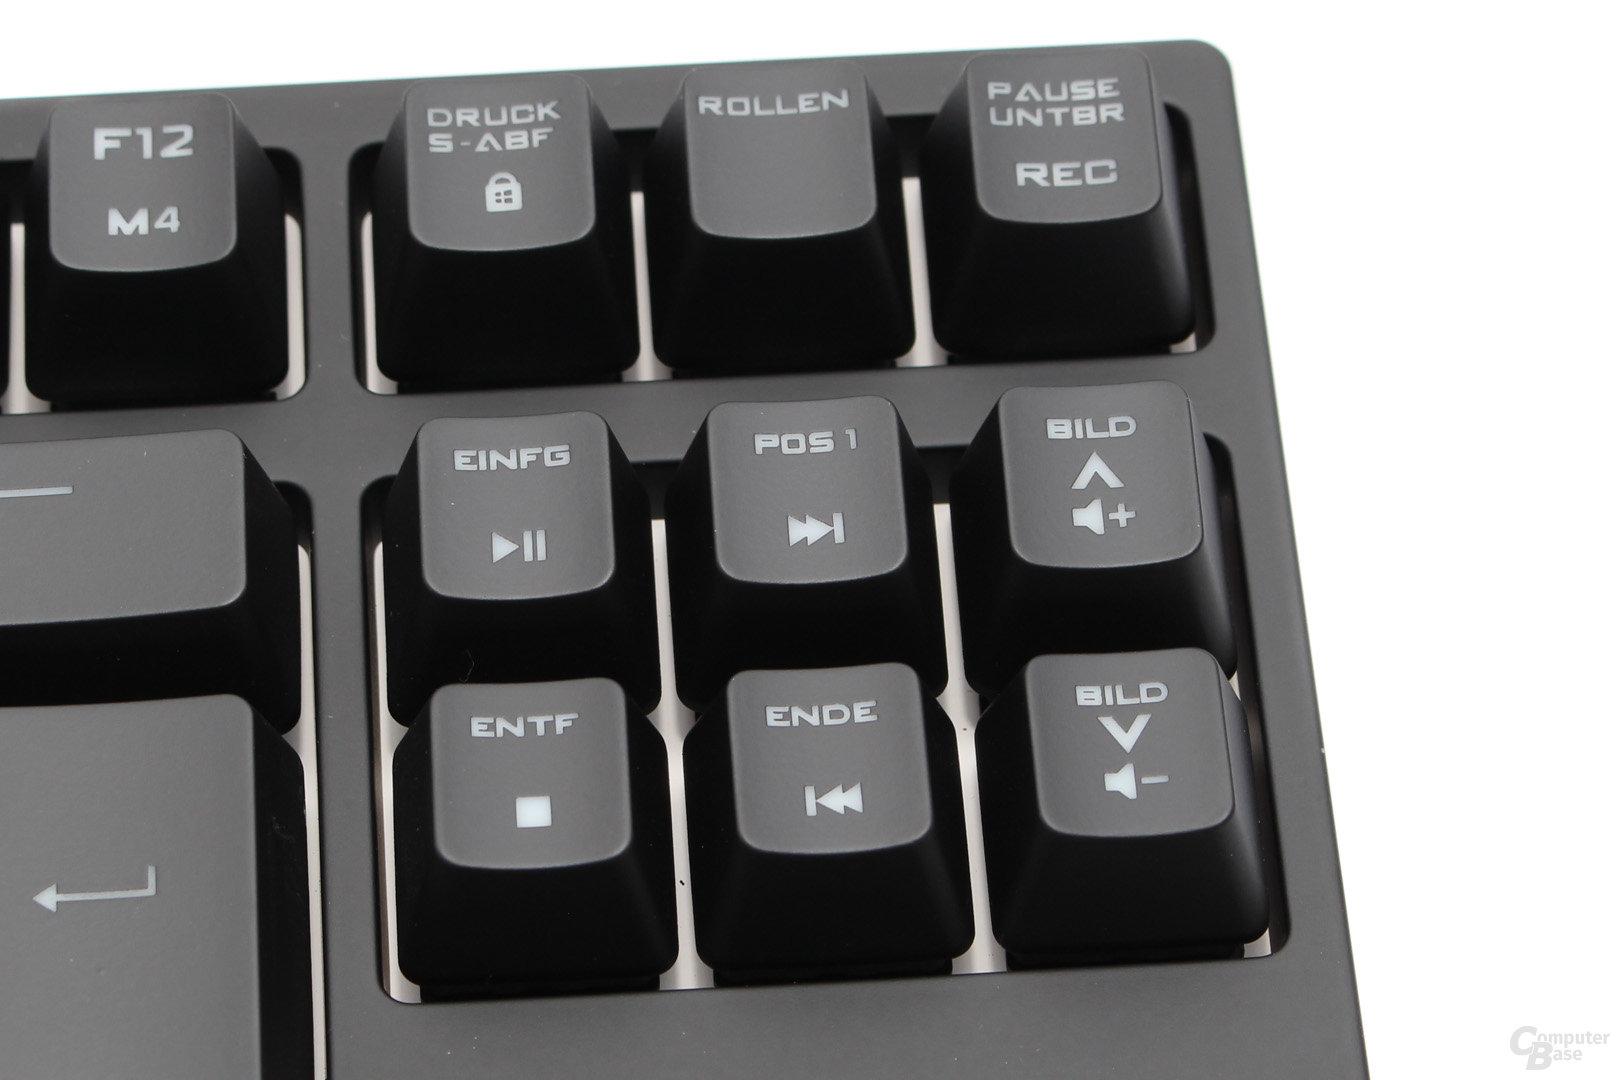 Medien-Shortcuts, Lautstärke-Steuerung und Gaming-Modus